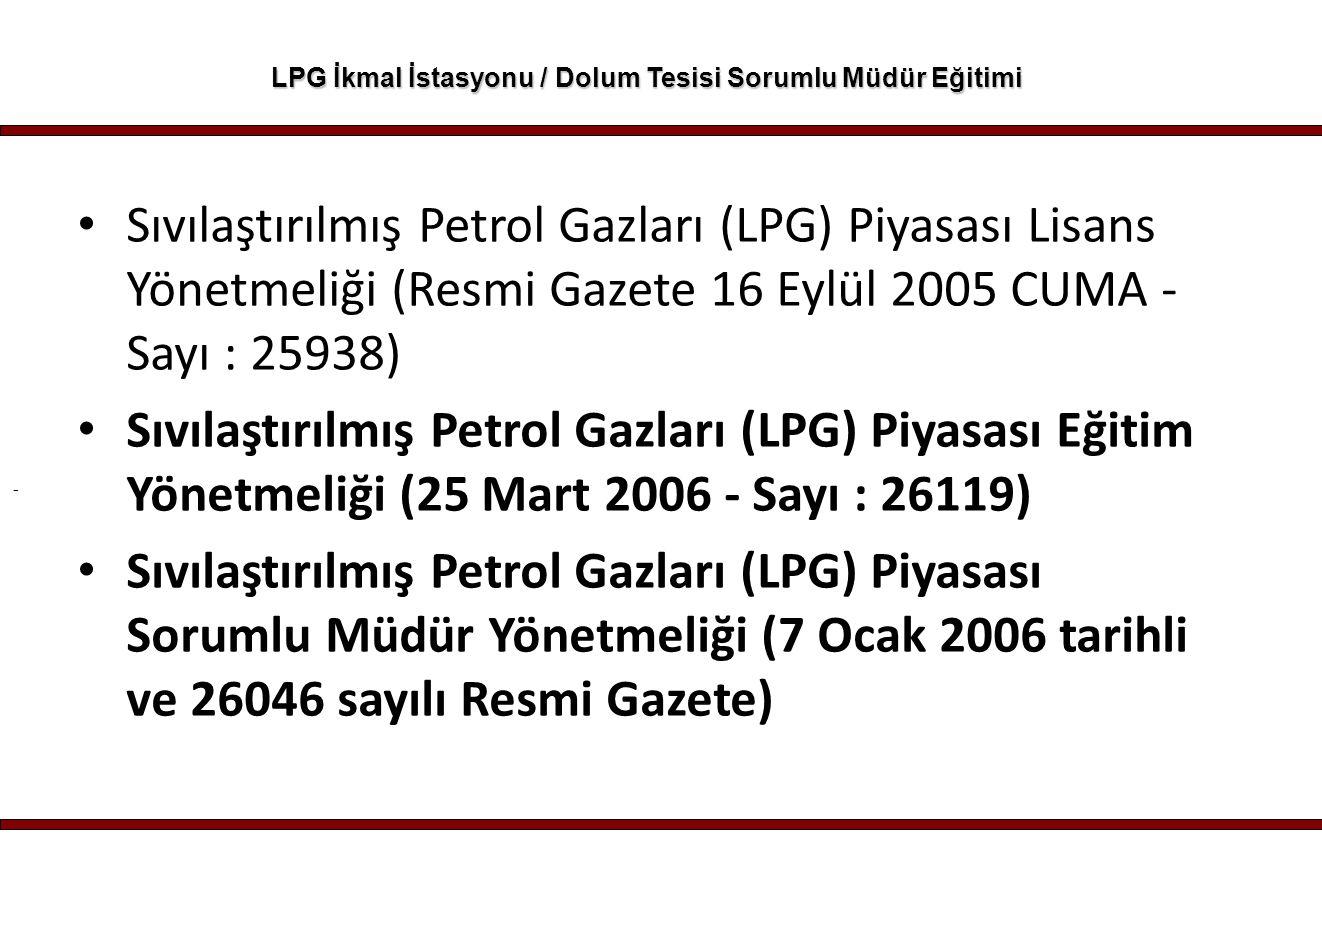 - LPG İkmal İstasyonu / Dolum Tesisi Sorumlu Müdür Eğitimi Enerji Piyasası Düzenleme Kurumundan Sıvılaştırılmış Petrol Gazları (LPG) Piyasası Sorumlu Müdür Yönetmeliği Resmi Gazete Tarihi : 07.01.2006, Resmi Gazete Sayısı : 26046